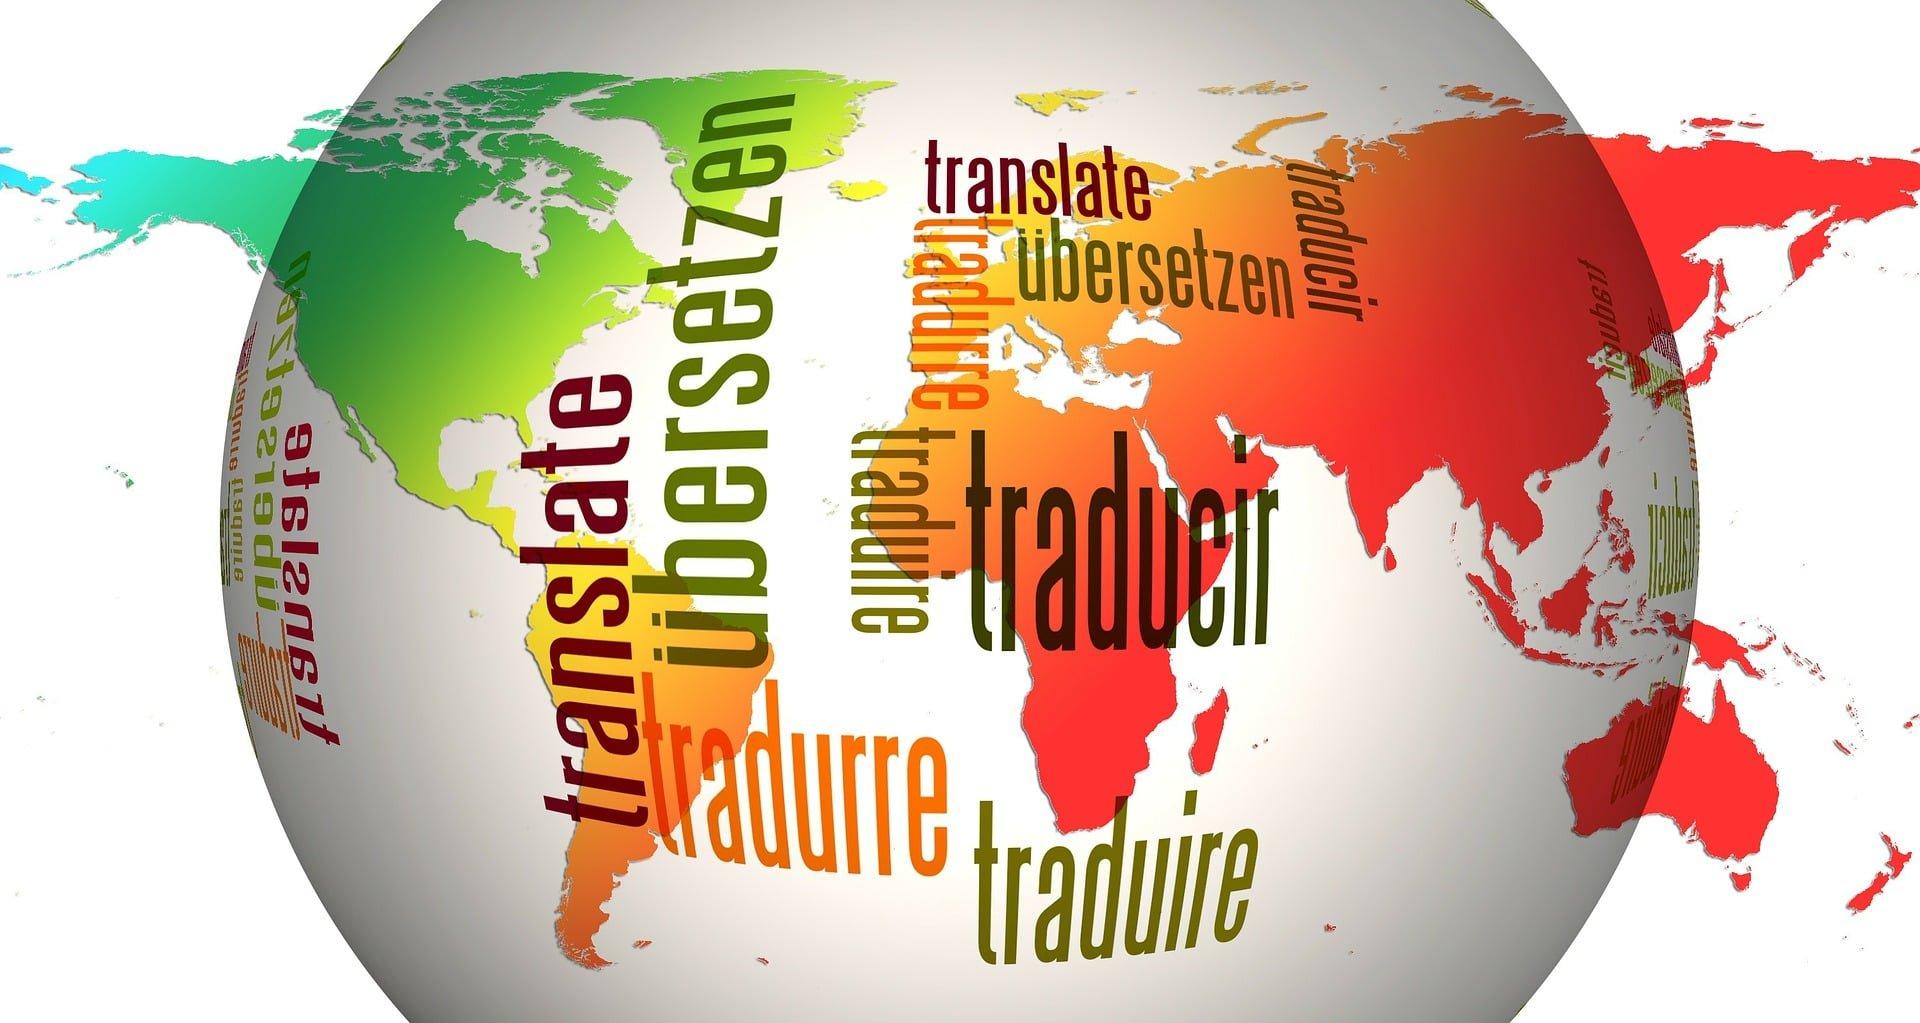 Website Localization and Website Translation